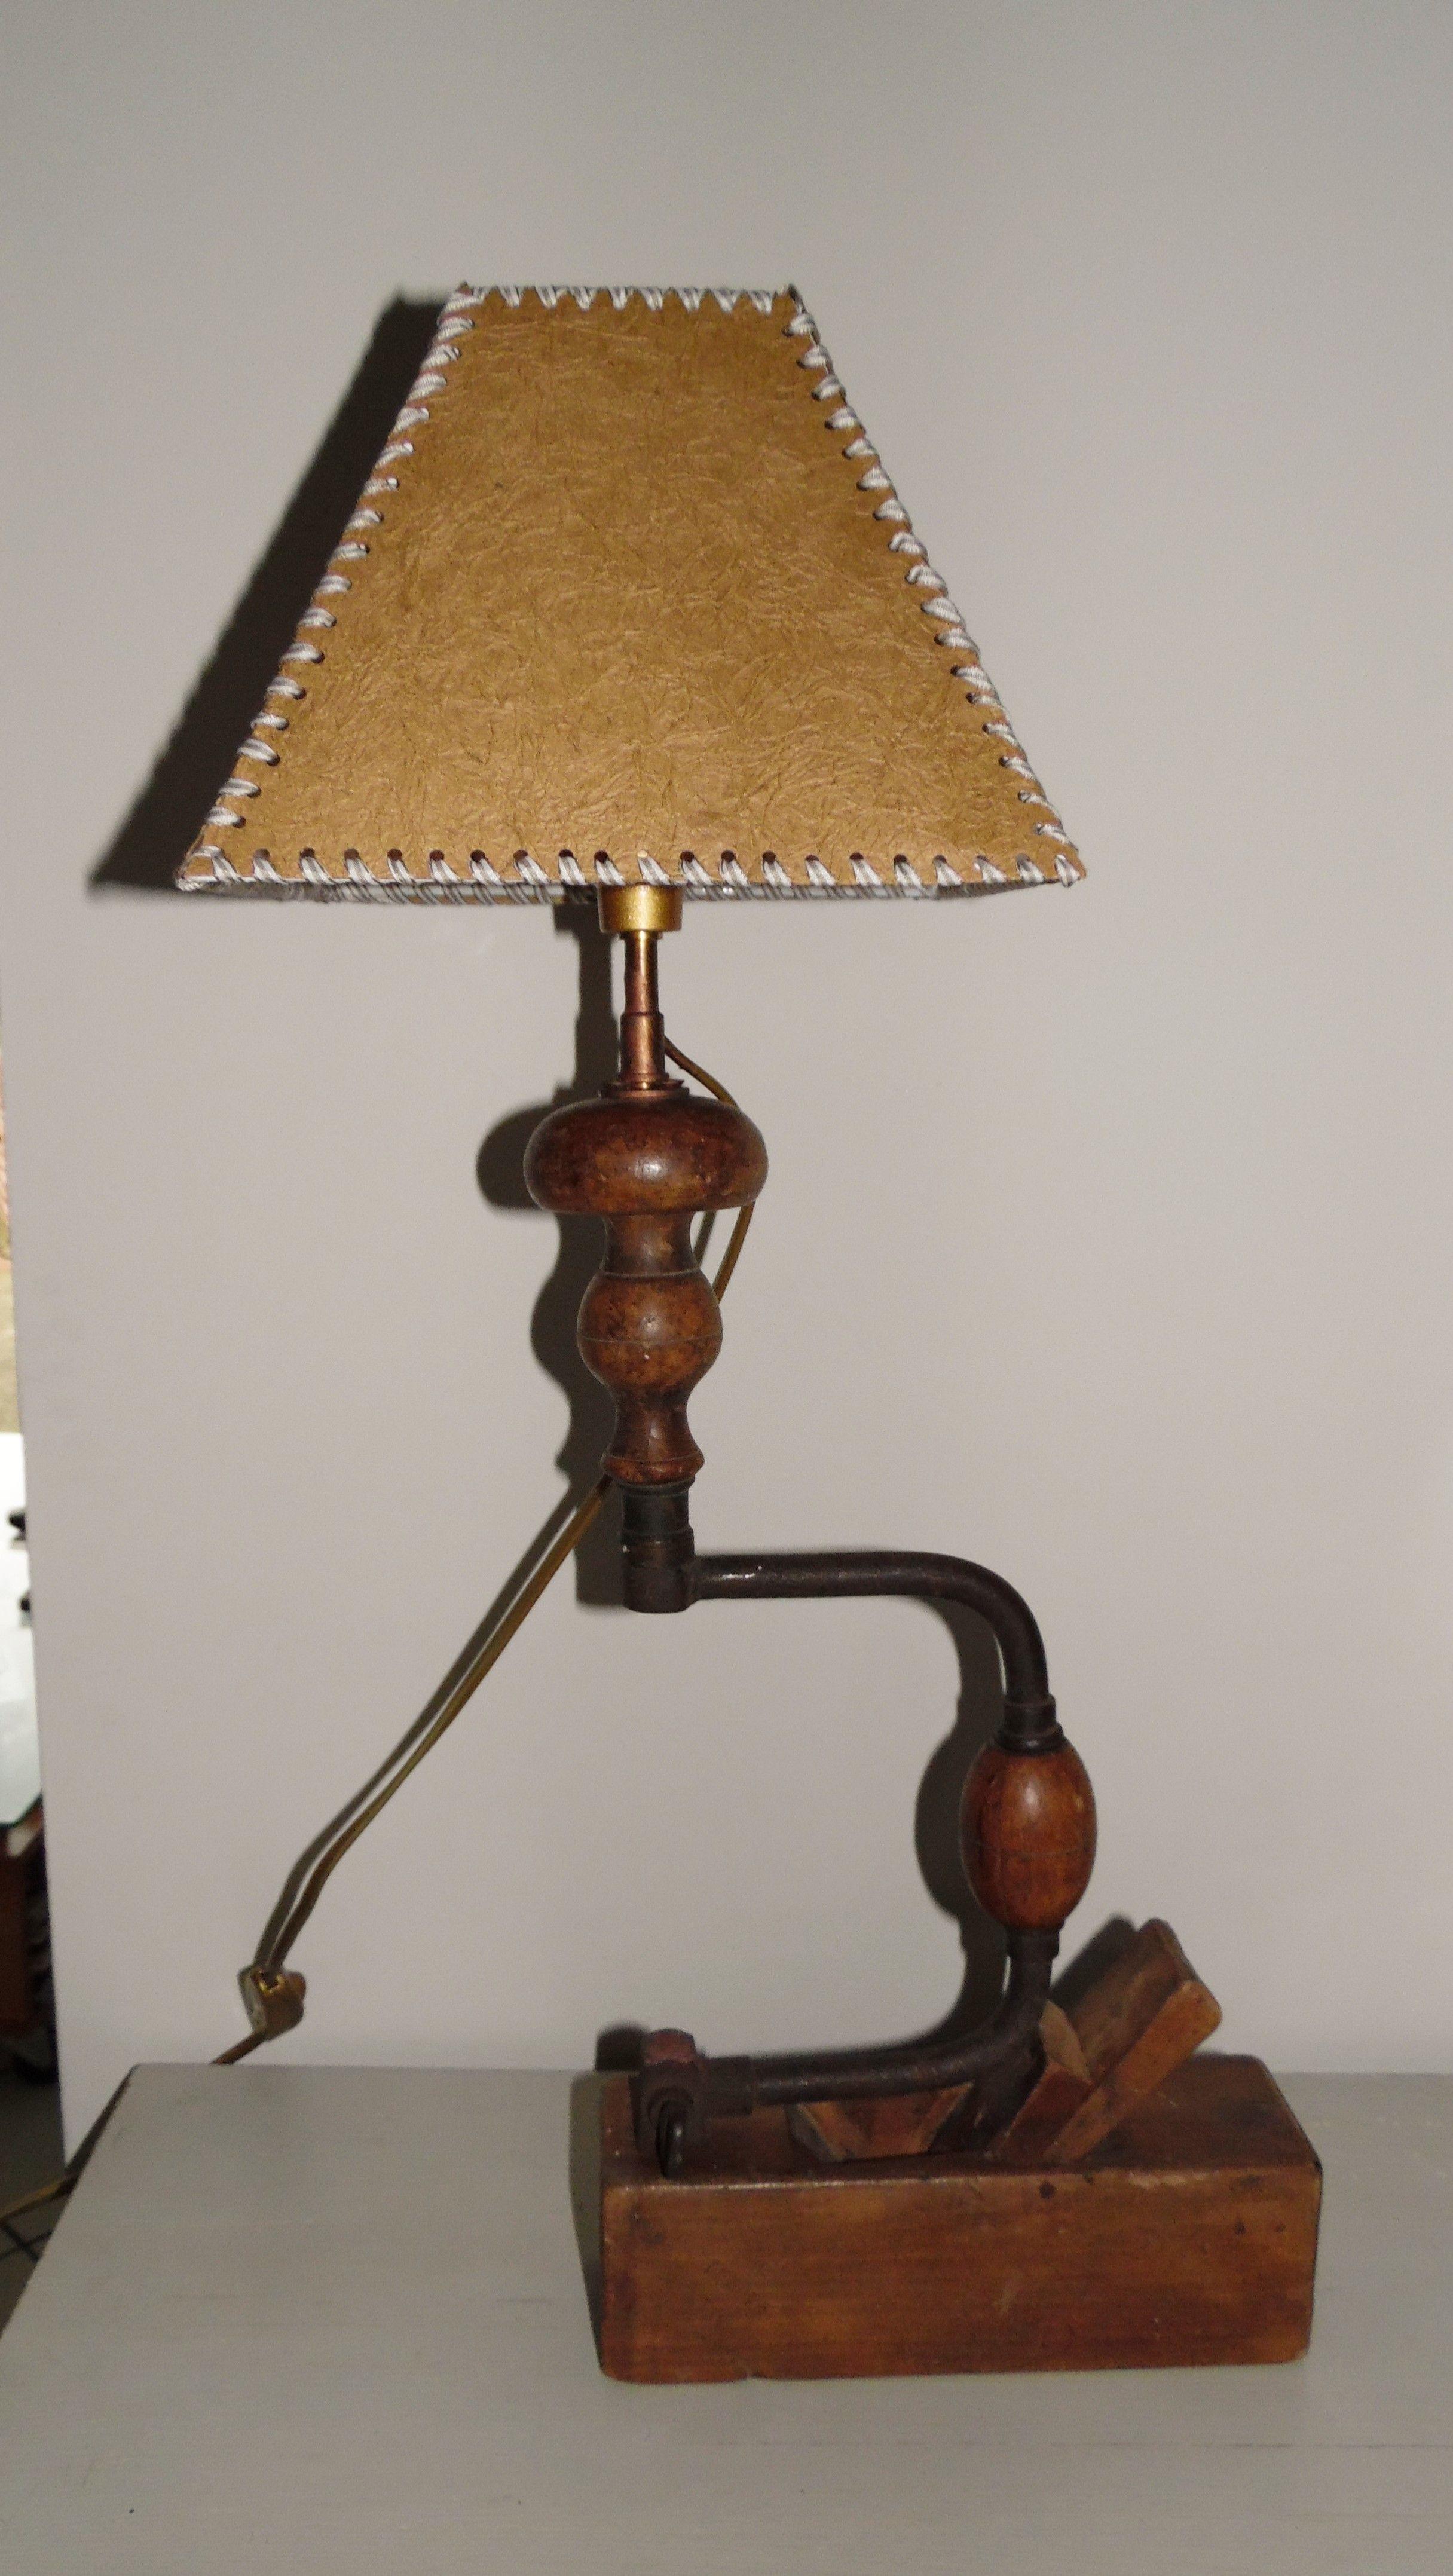 Lampe vilebrequin m lange subtil d 39 outils anciens l 39 abat jour est fait main elle mesure - Lampes de salon anciennes ...